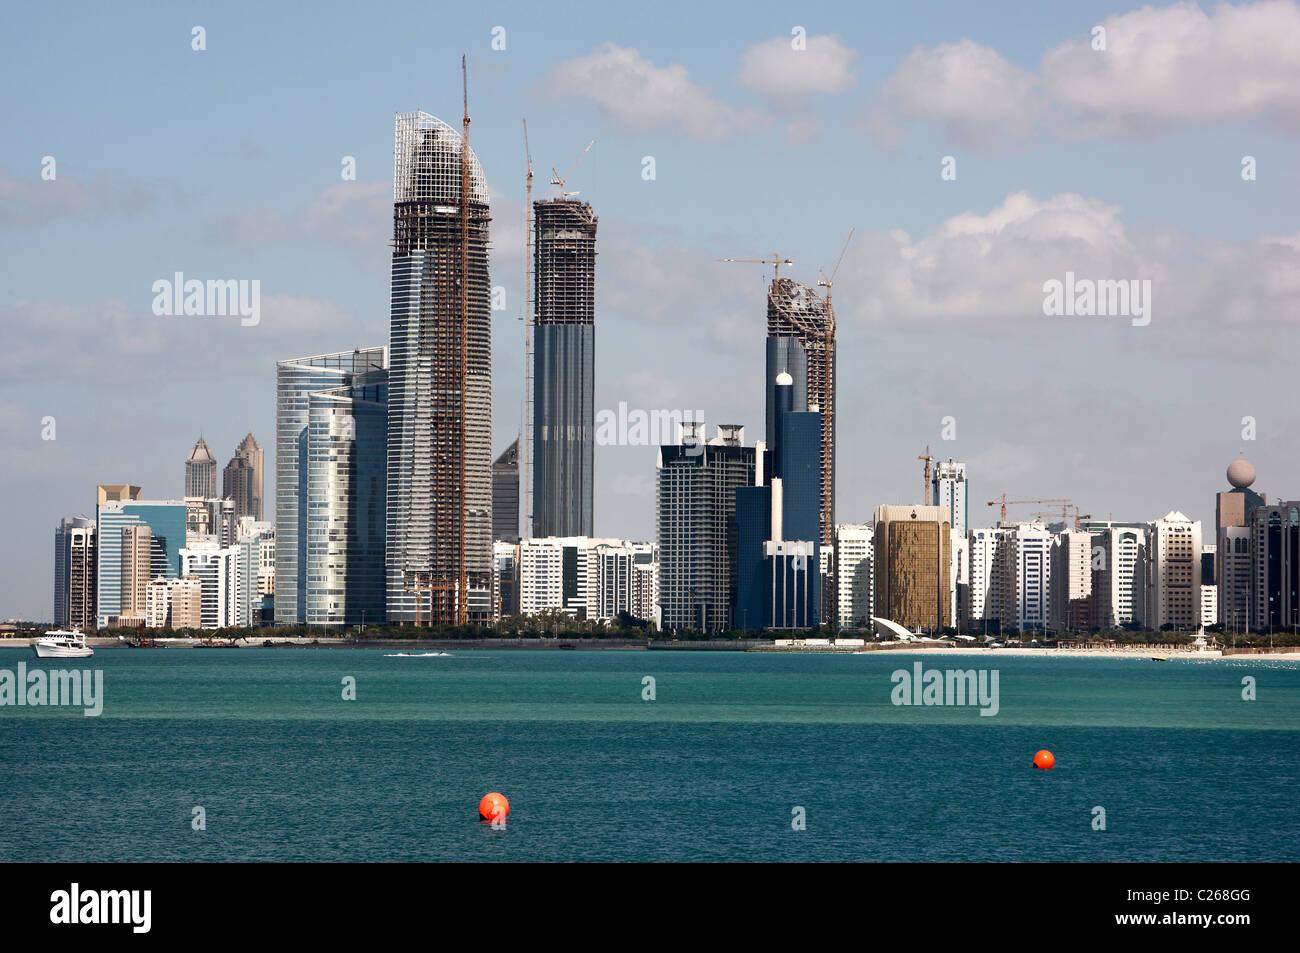 Skyline of Abu Dhabi, capital of United Arab Emirates. - Stock Image